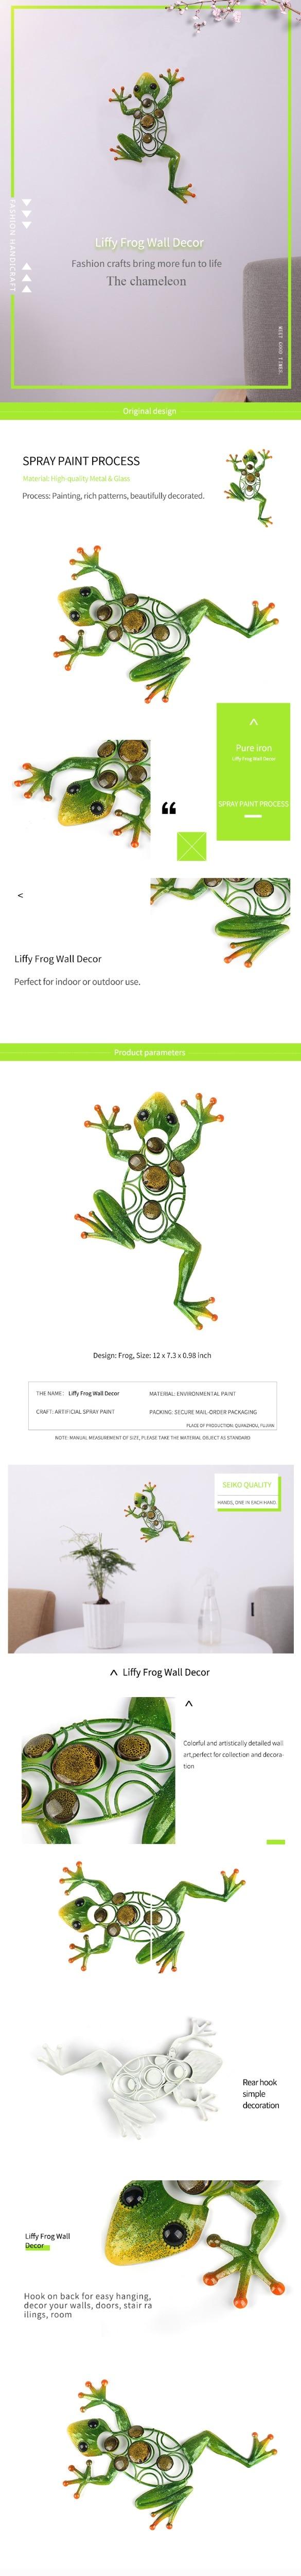 绿色青蛙5颗珠子墙挂墙挂详情英文版 拷贝